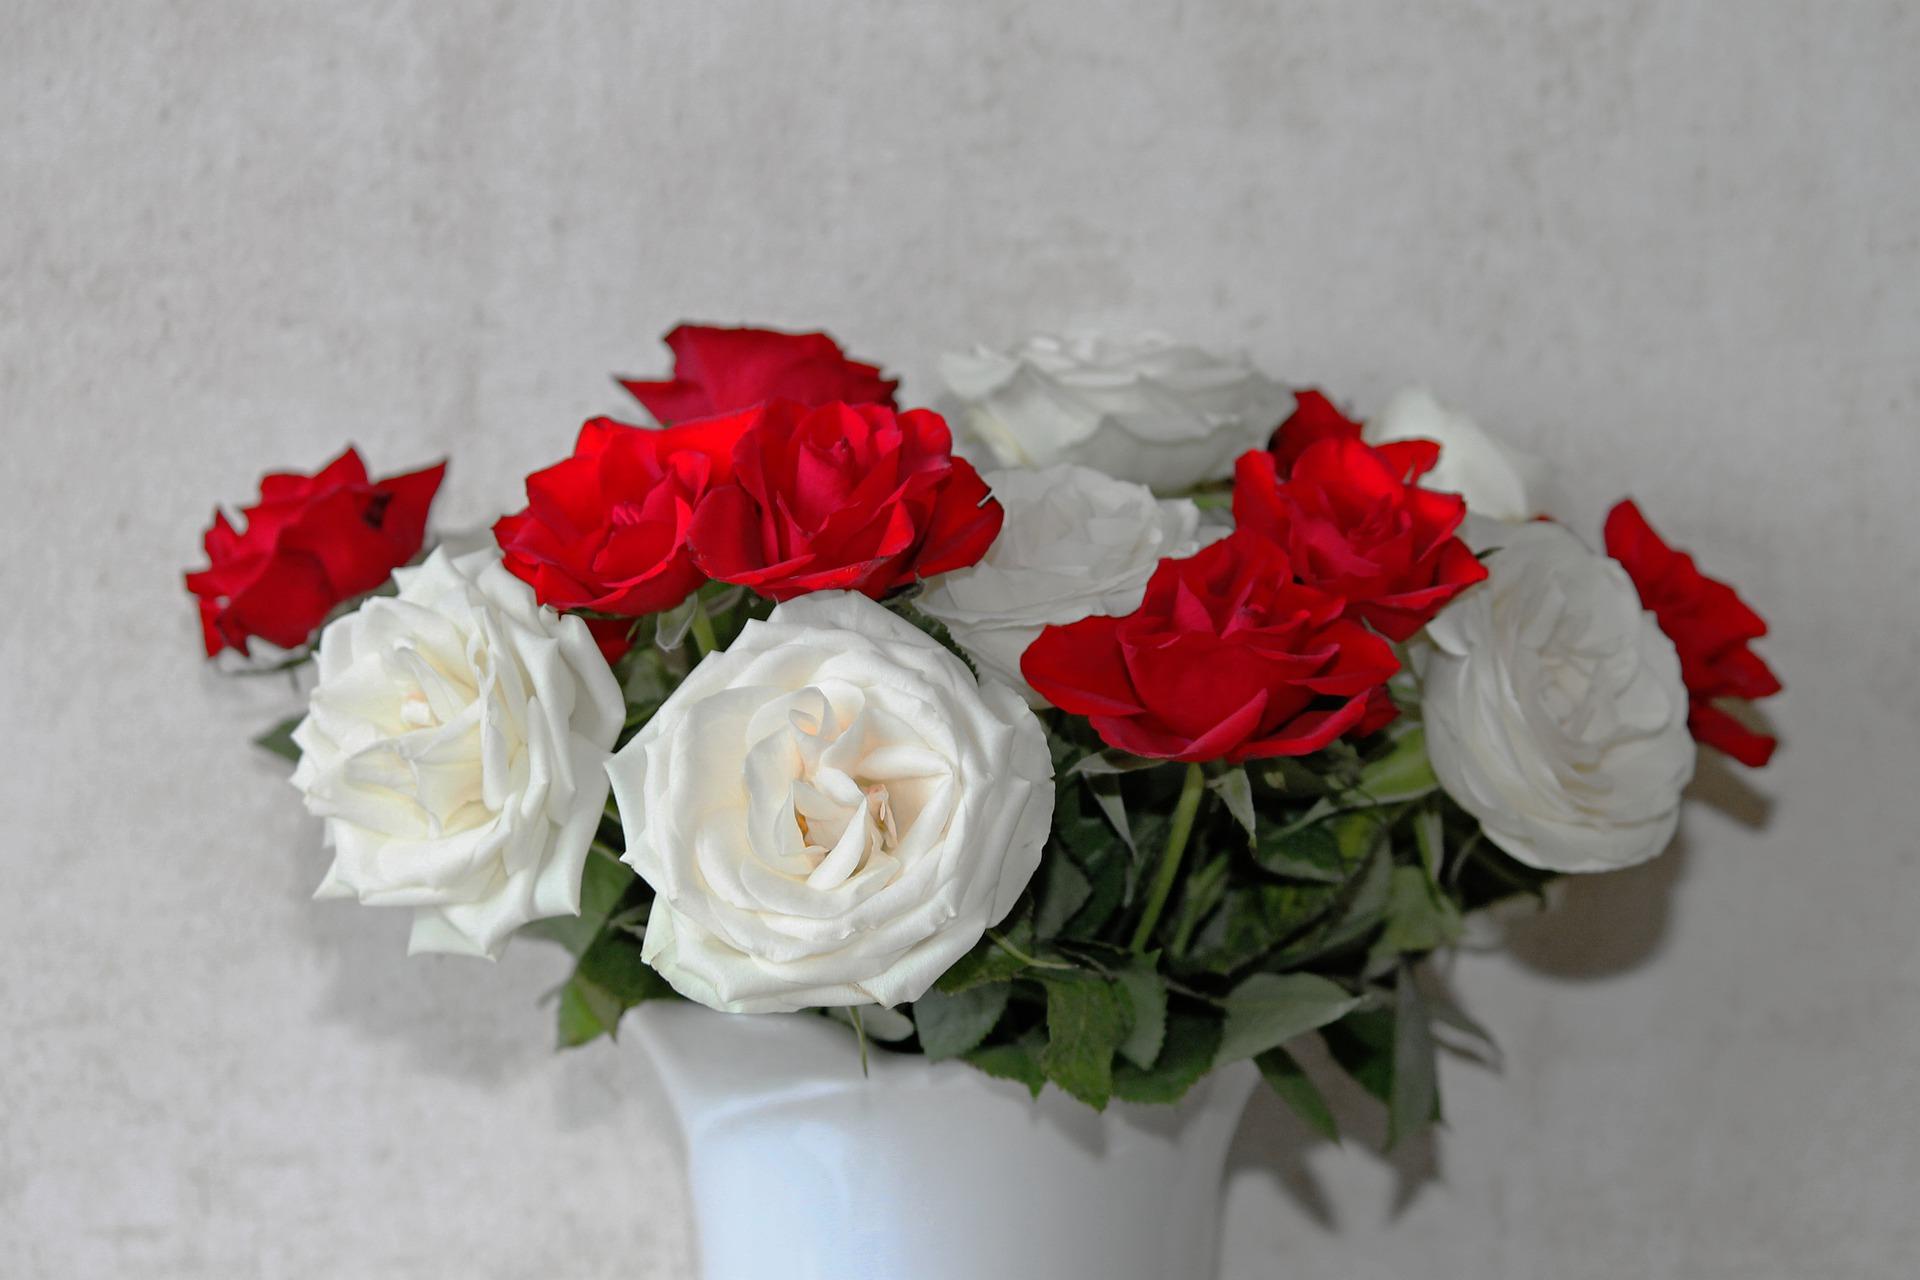 بالصور اجمل ورود الحب , اروع دليل لاثبات حبك للحبيب 6418 2